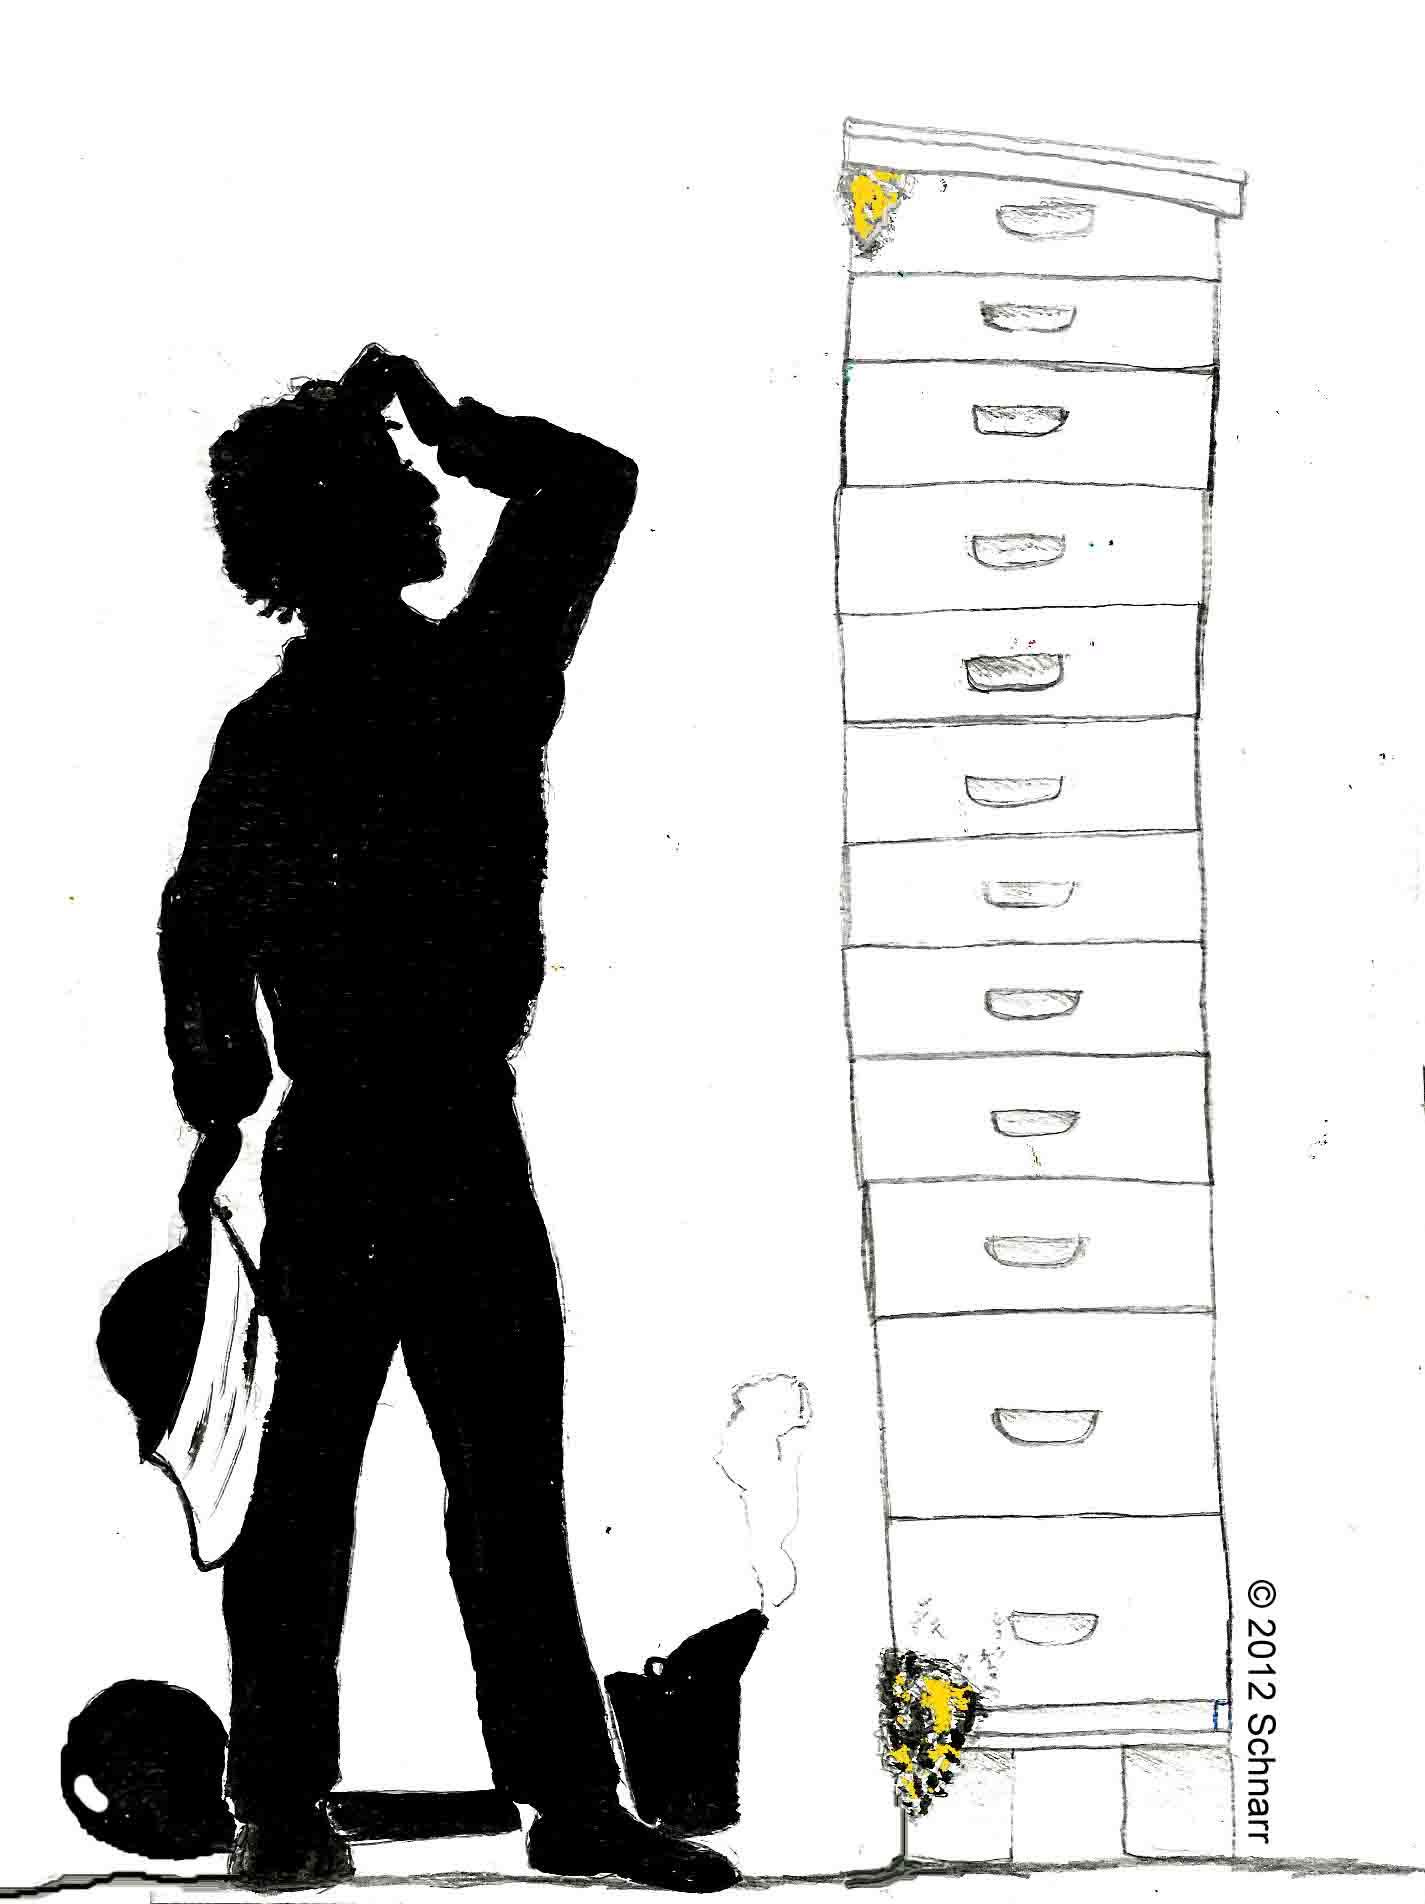 Image of Beekeeper